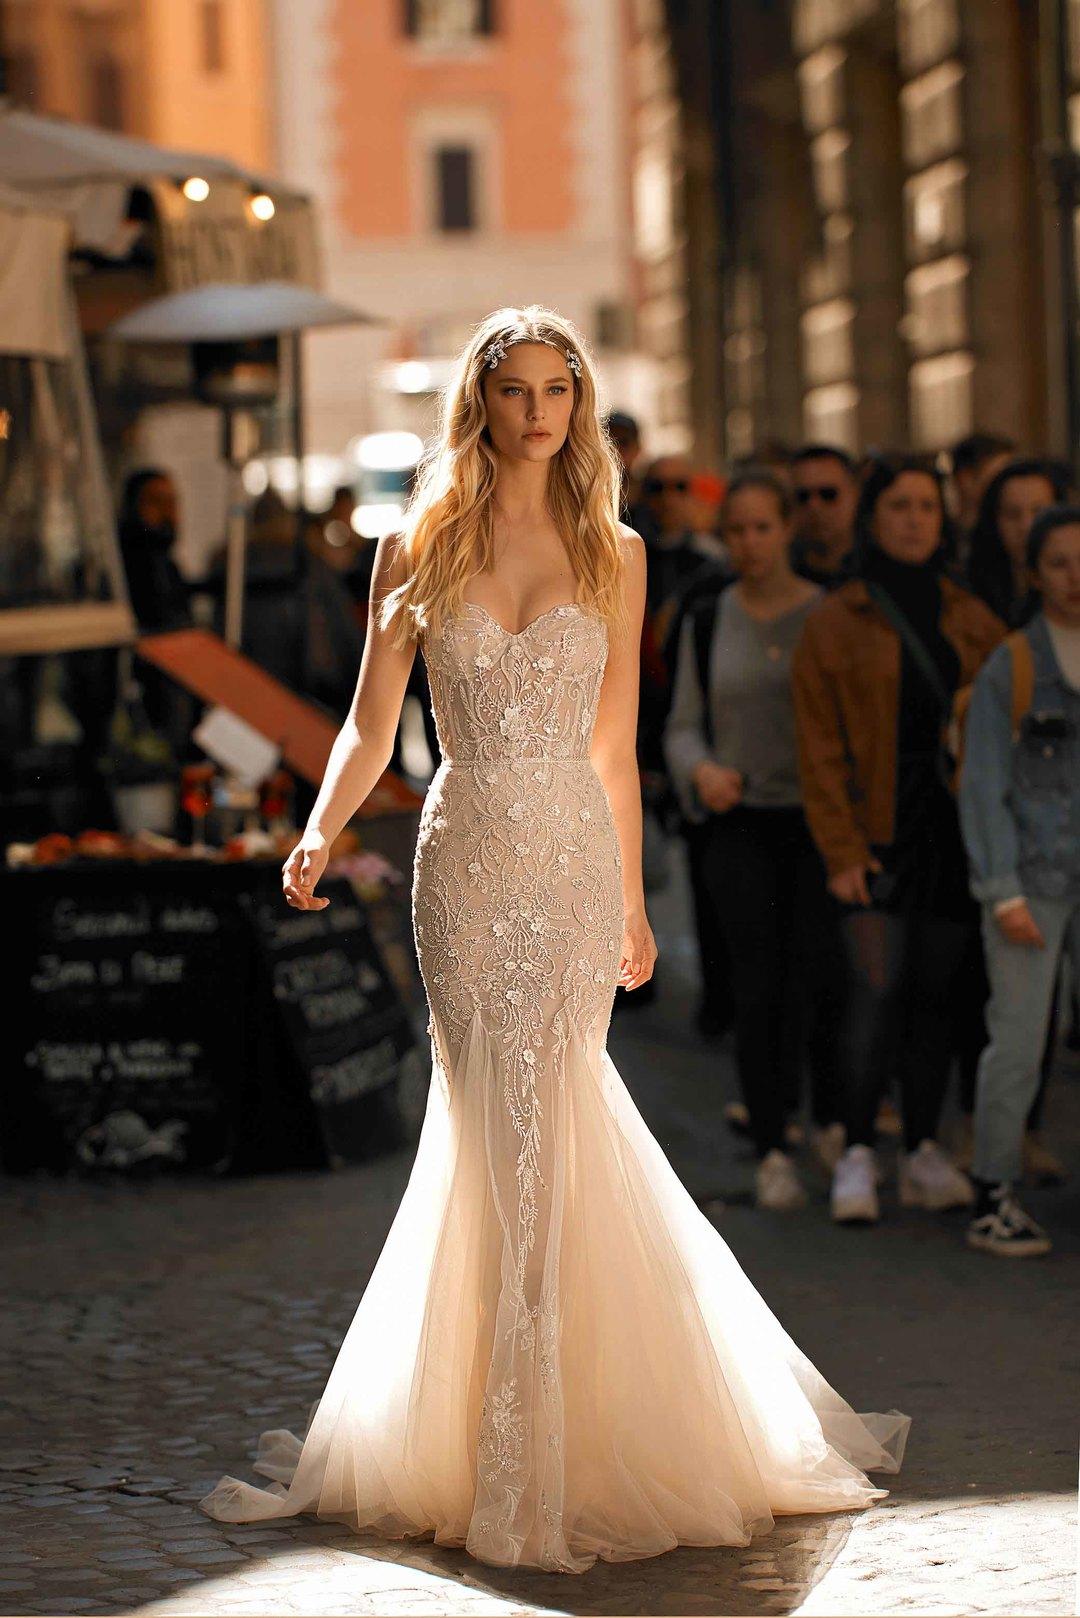 style 20 p0-04 dress photo